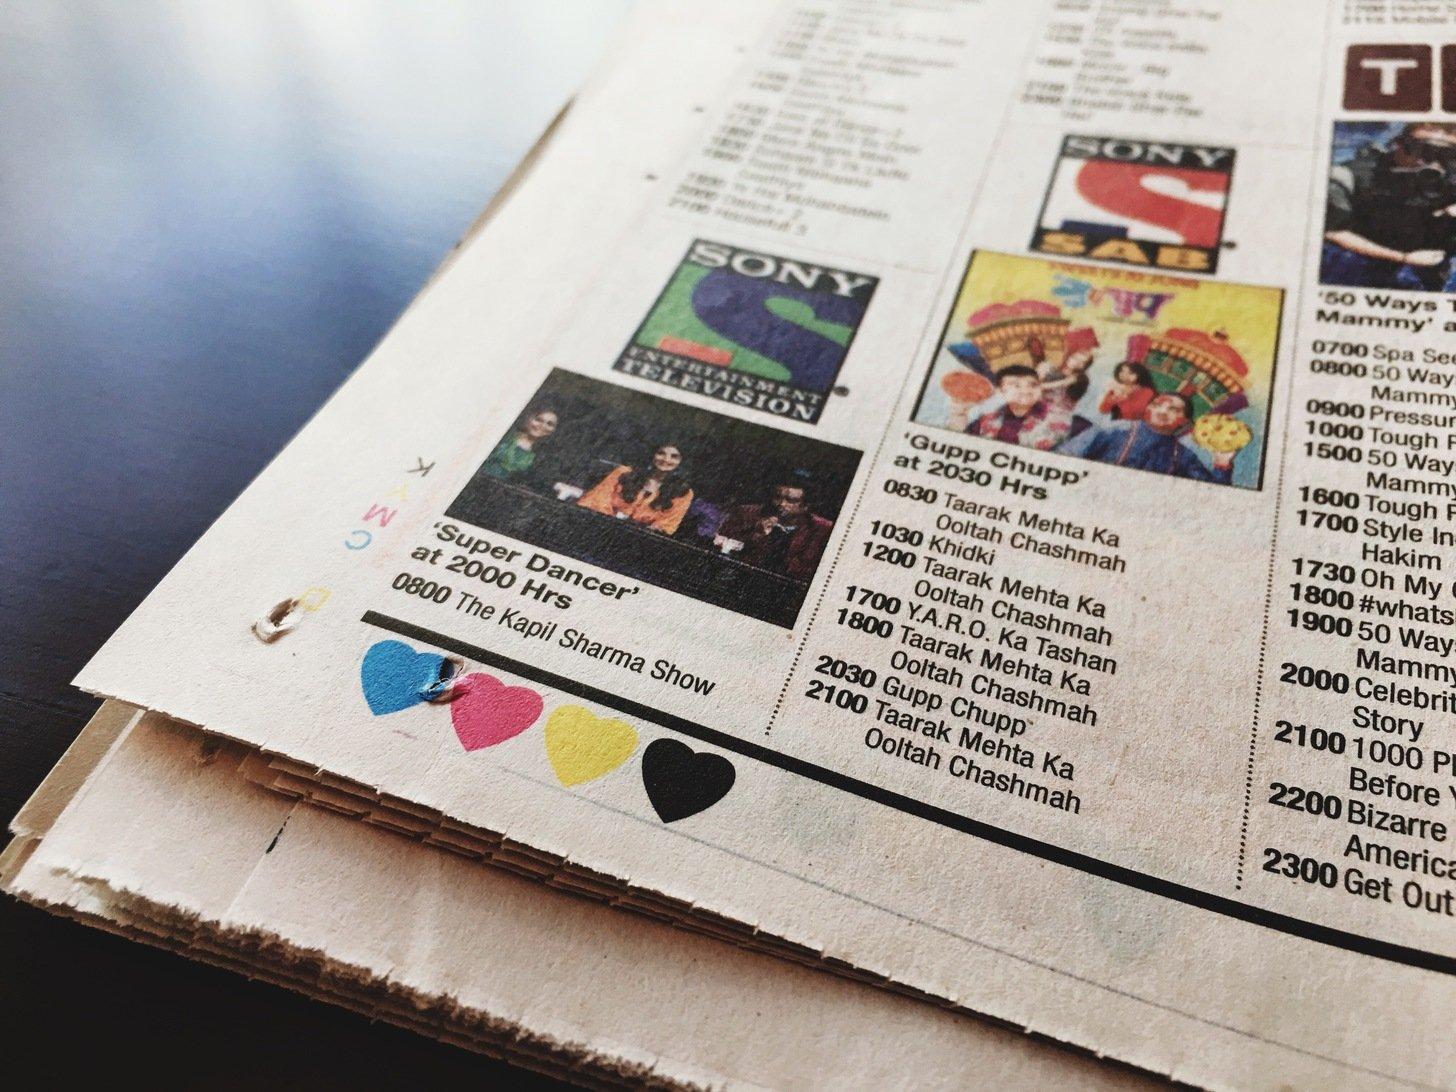 क्यों होते है न्यूज़ पेपर में ये 4 रंगीन डॉट